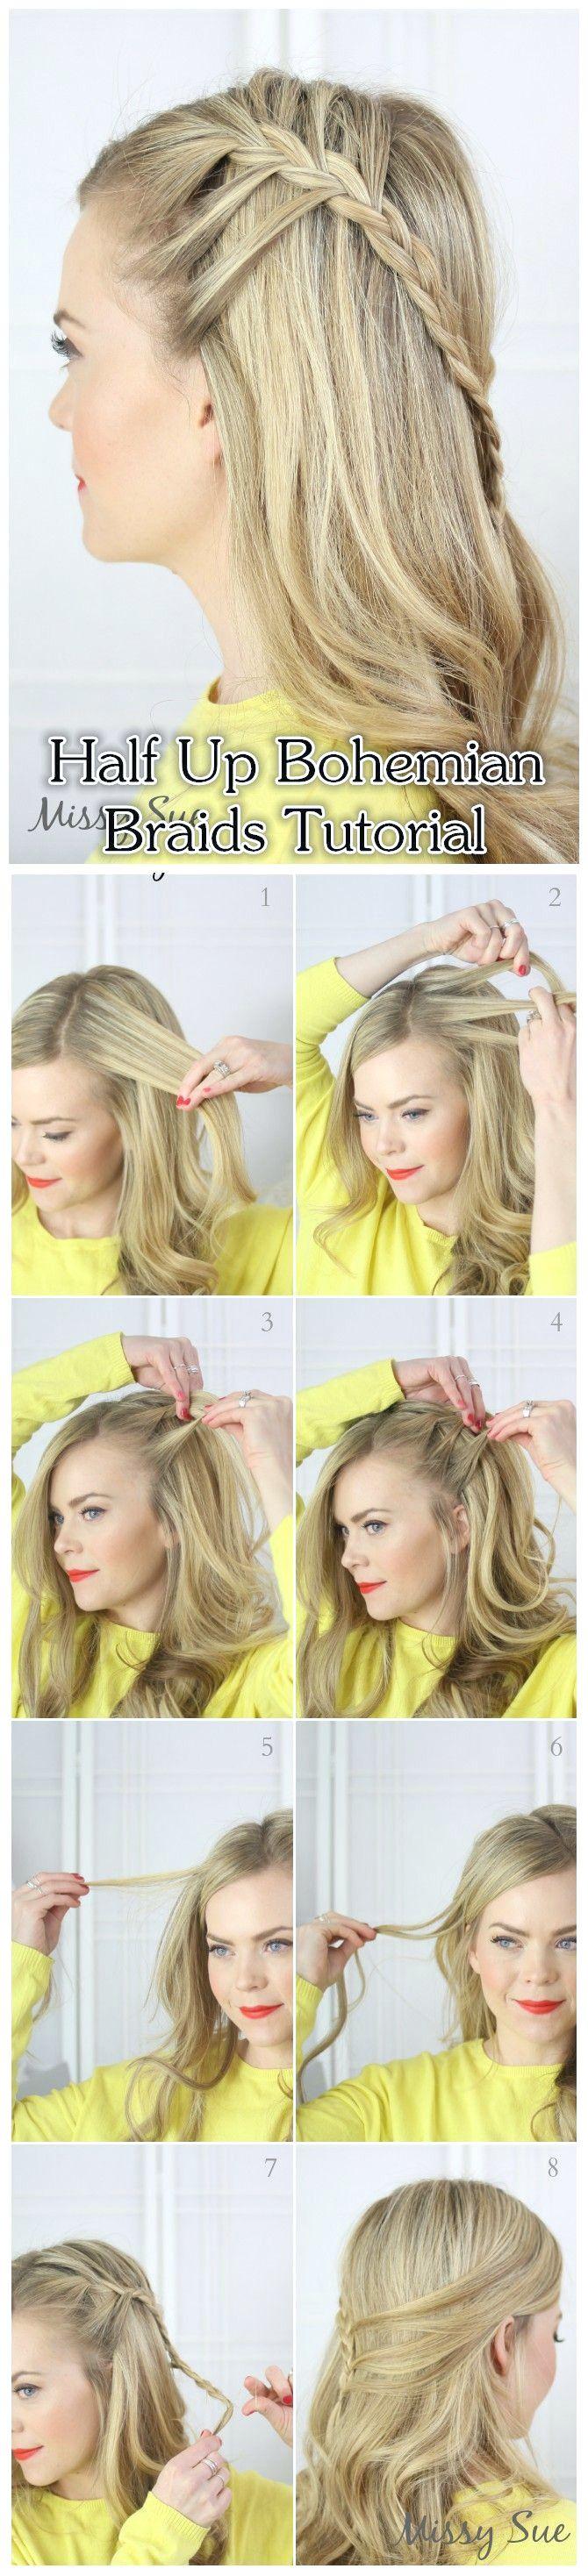 10 Boho Hair Tutorial für die Saison | Boho haare ...